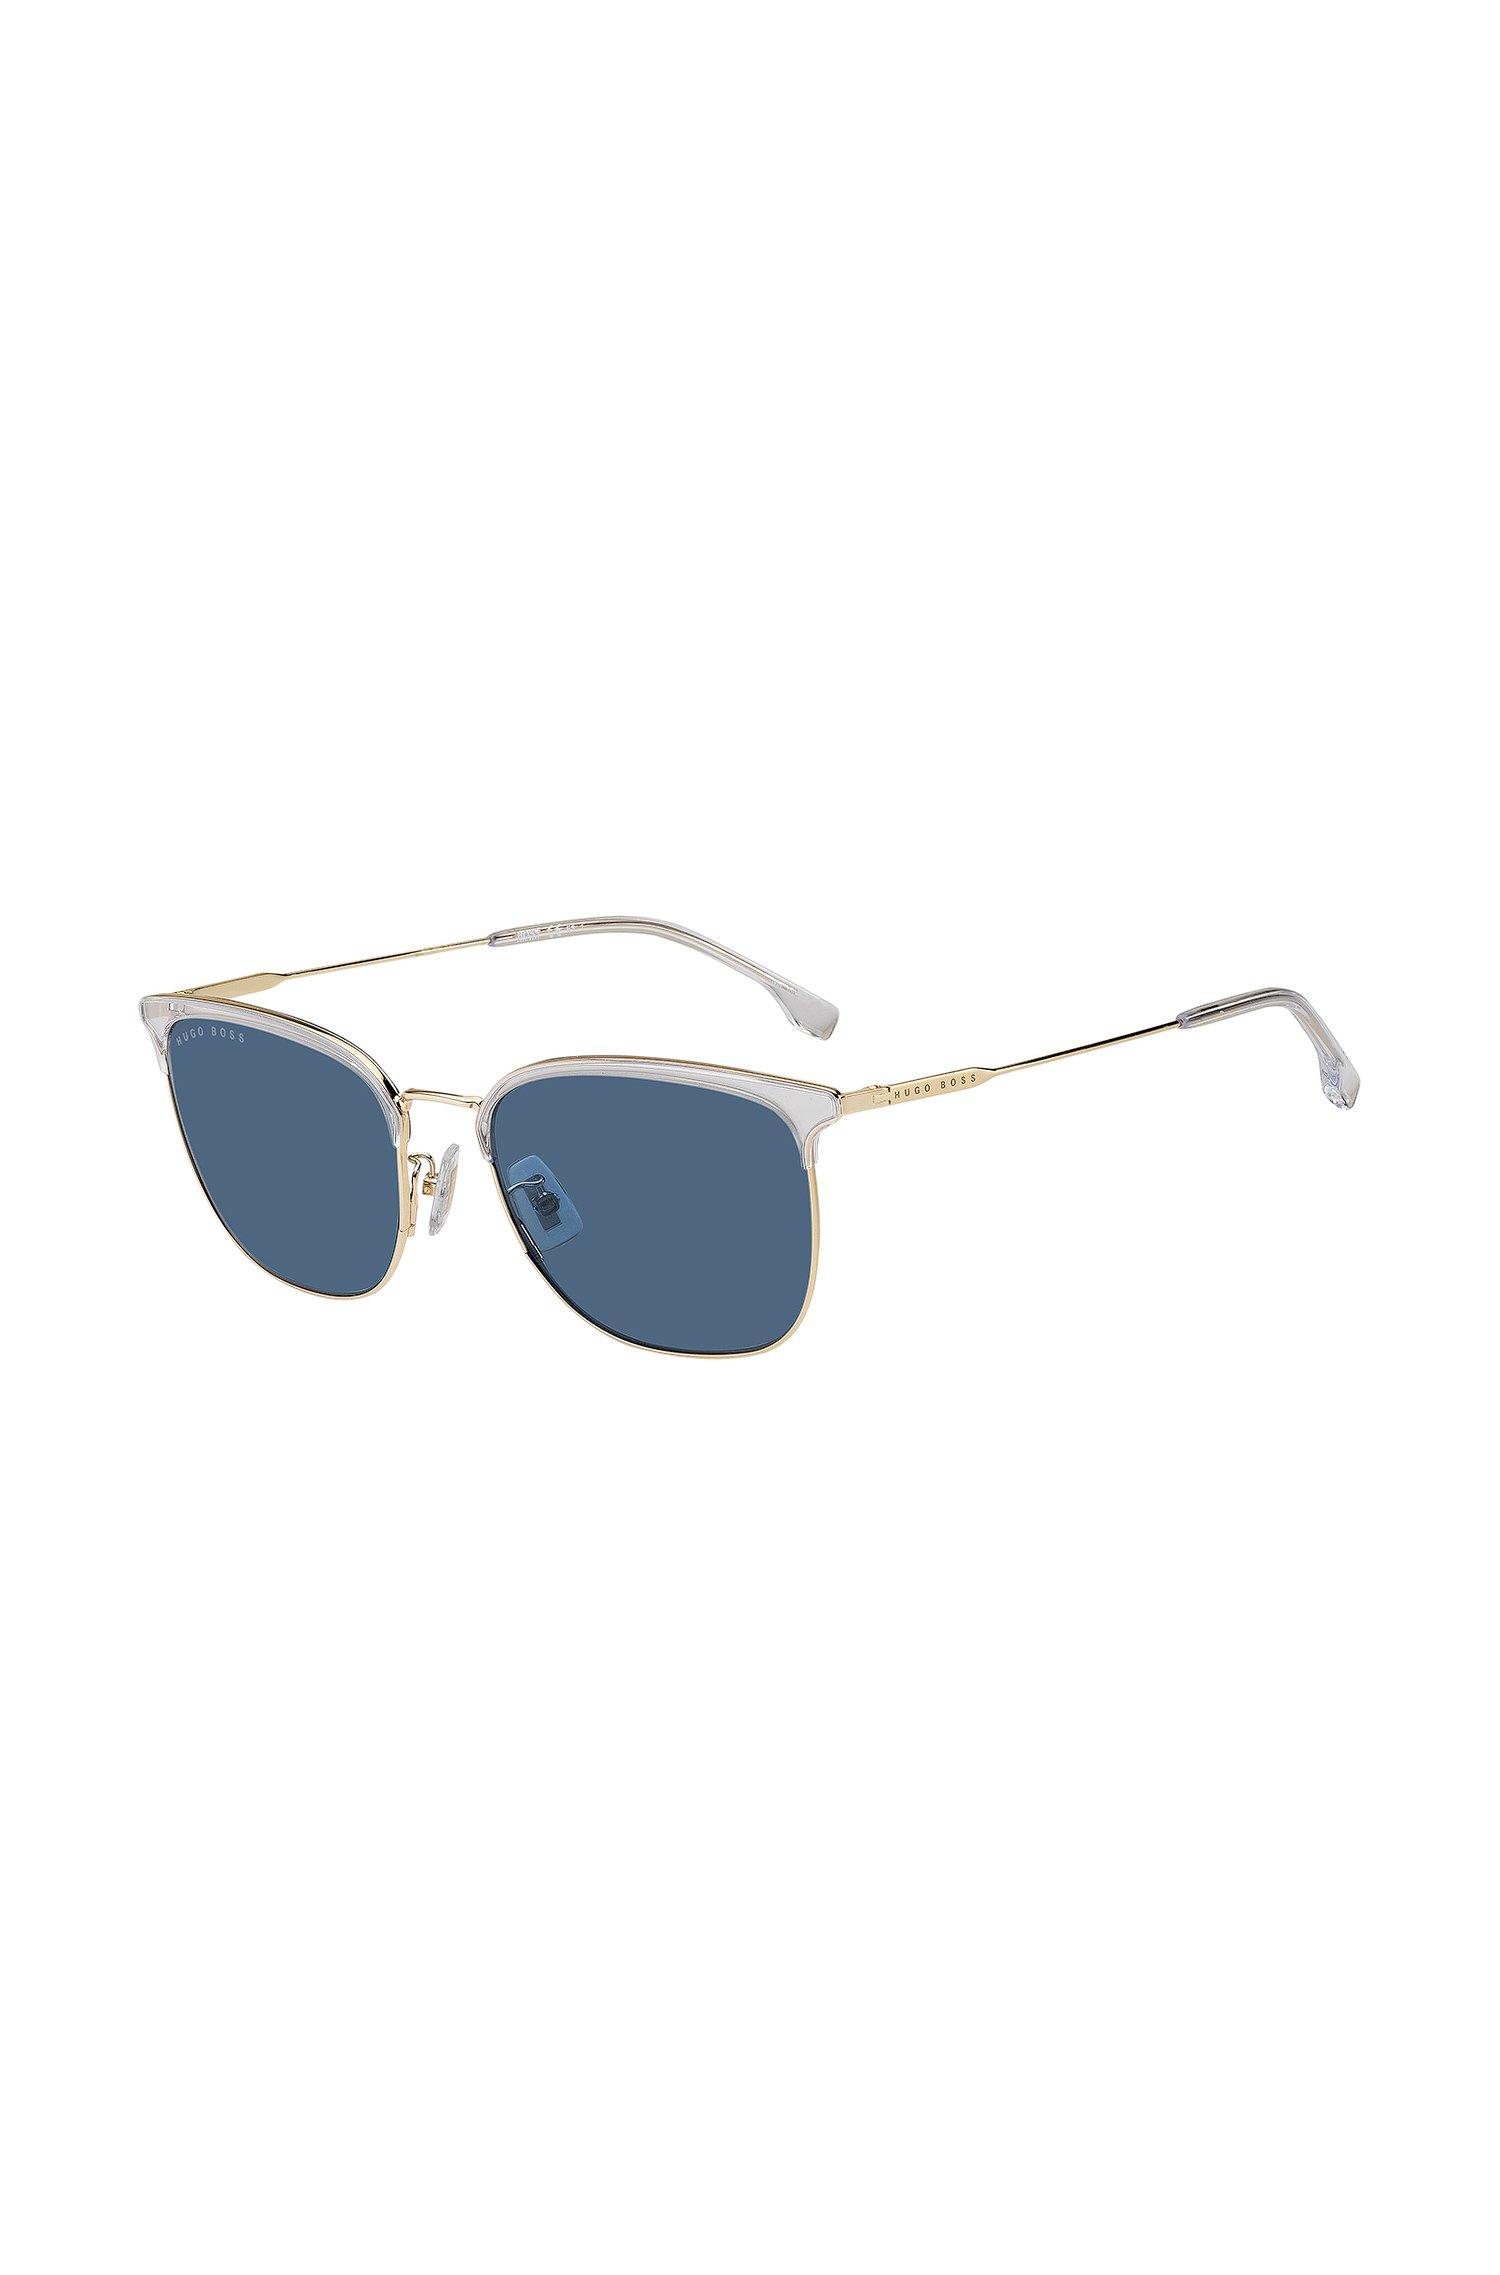 Hybrid-Sonnenbrille aus goldfarbenem Stahl und Kristallacetat, Assorted-Pre-Pack